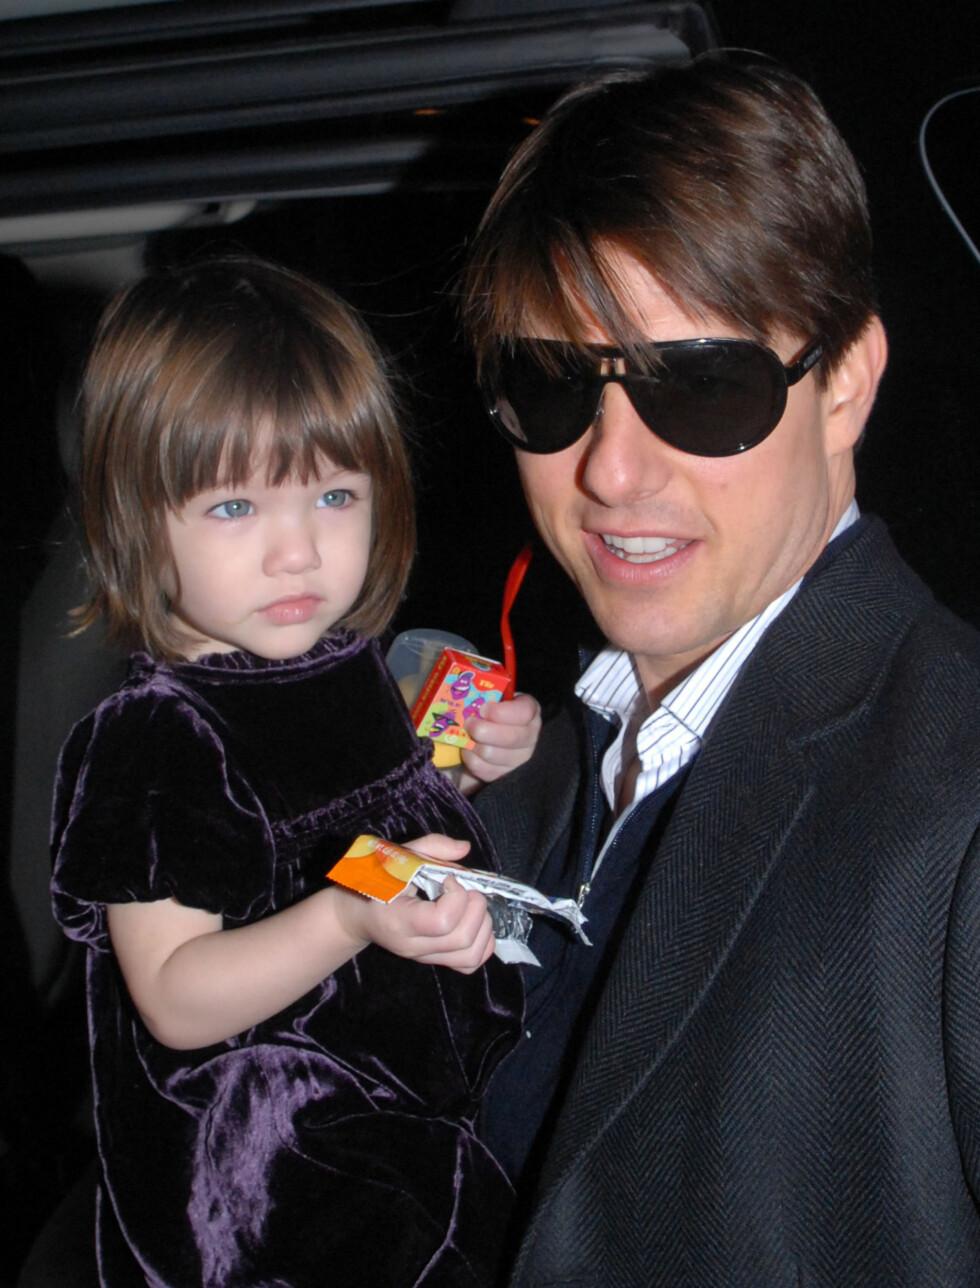 FORTSATT BARSK: Top Gun-helten Tom Cruise (45) har vært et sexsymbol for flere generasjoner av ungjenter. Med datteren Suri (1 1/2)på armen smelter han fortsatt hjerter. Foto: All Over Press